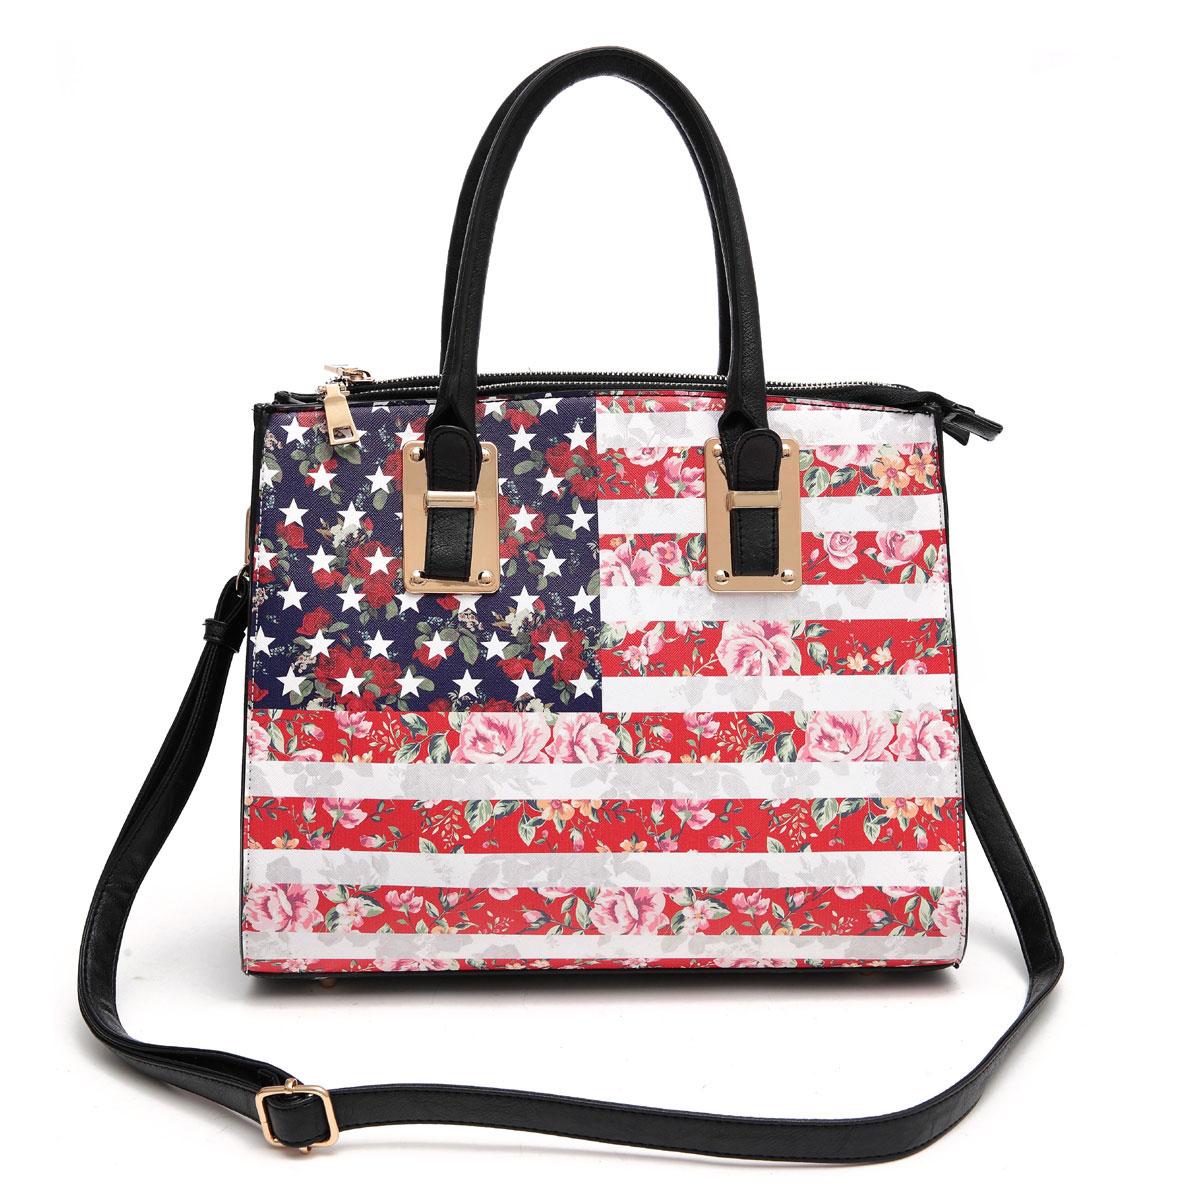 Wholesale handbags fashion wholesale handbags